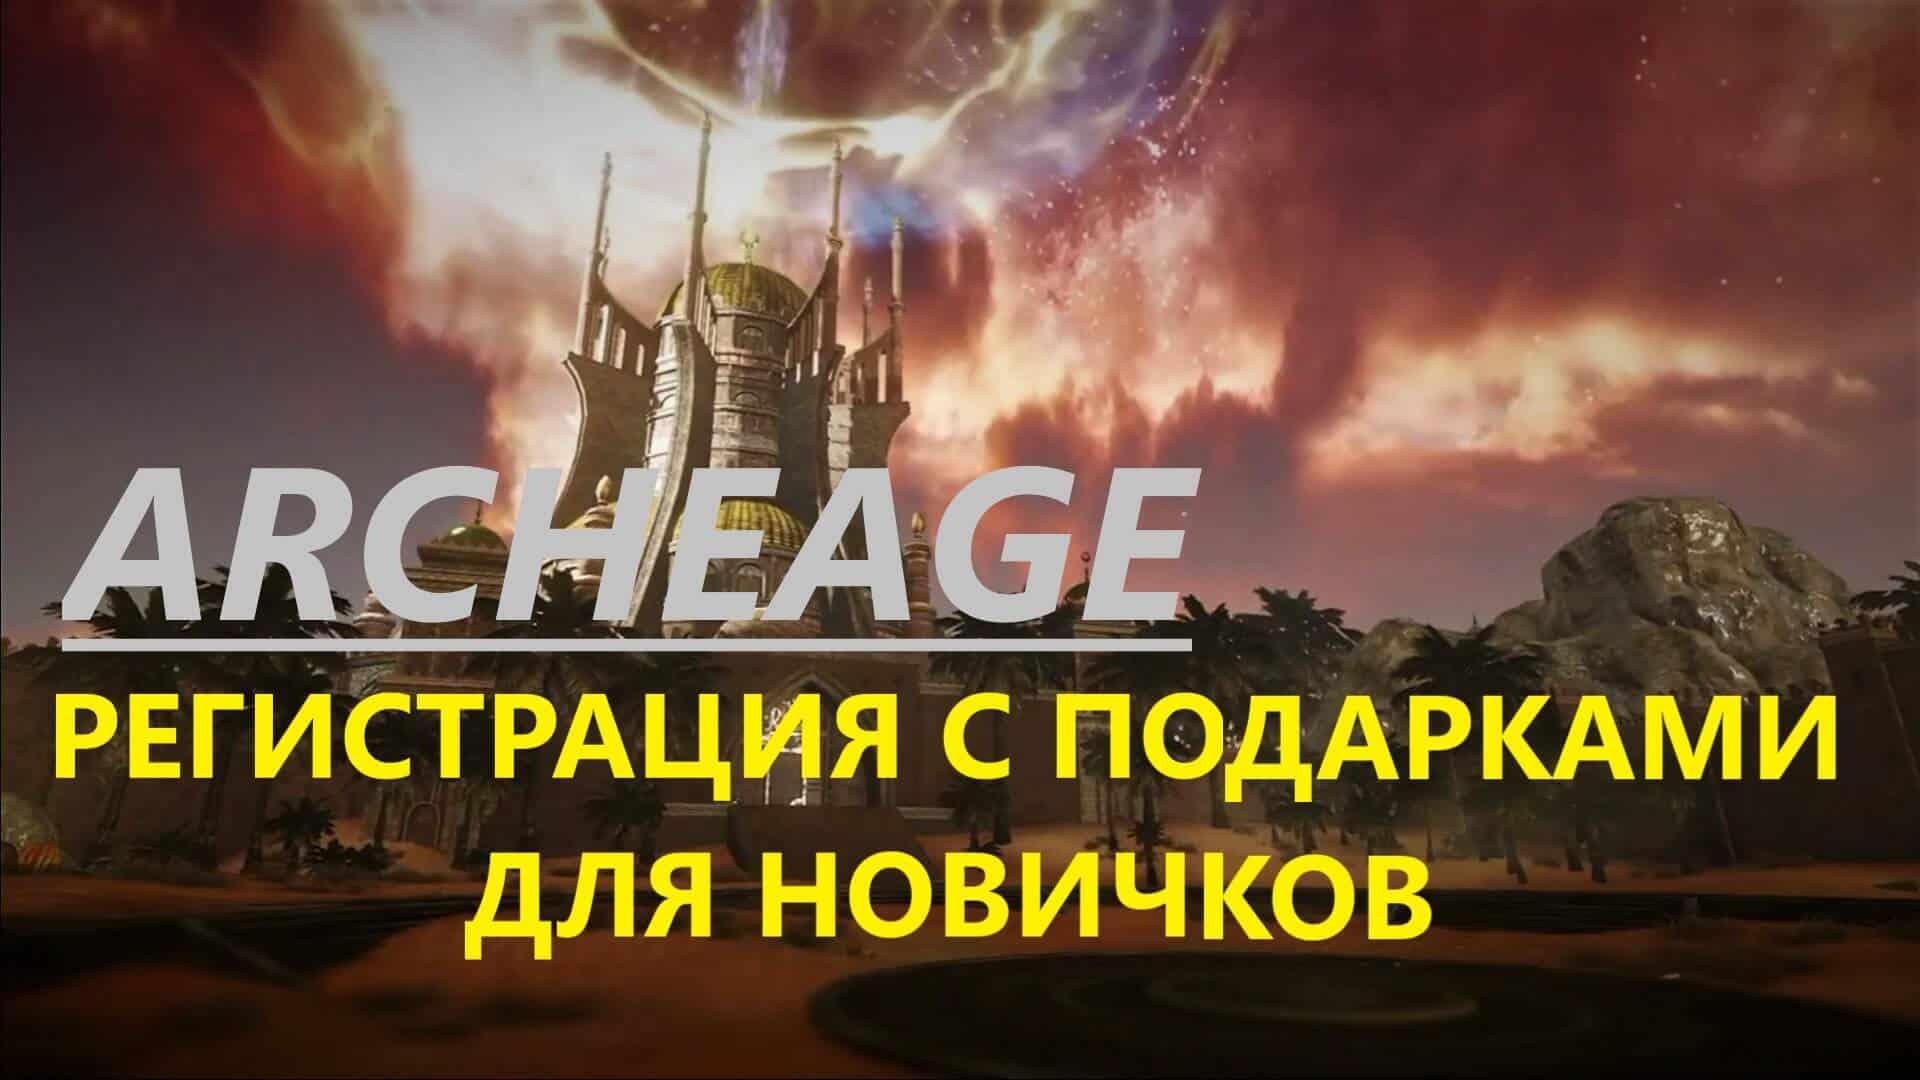 archeage-promokod